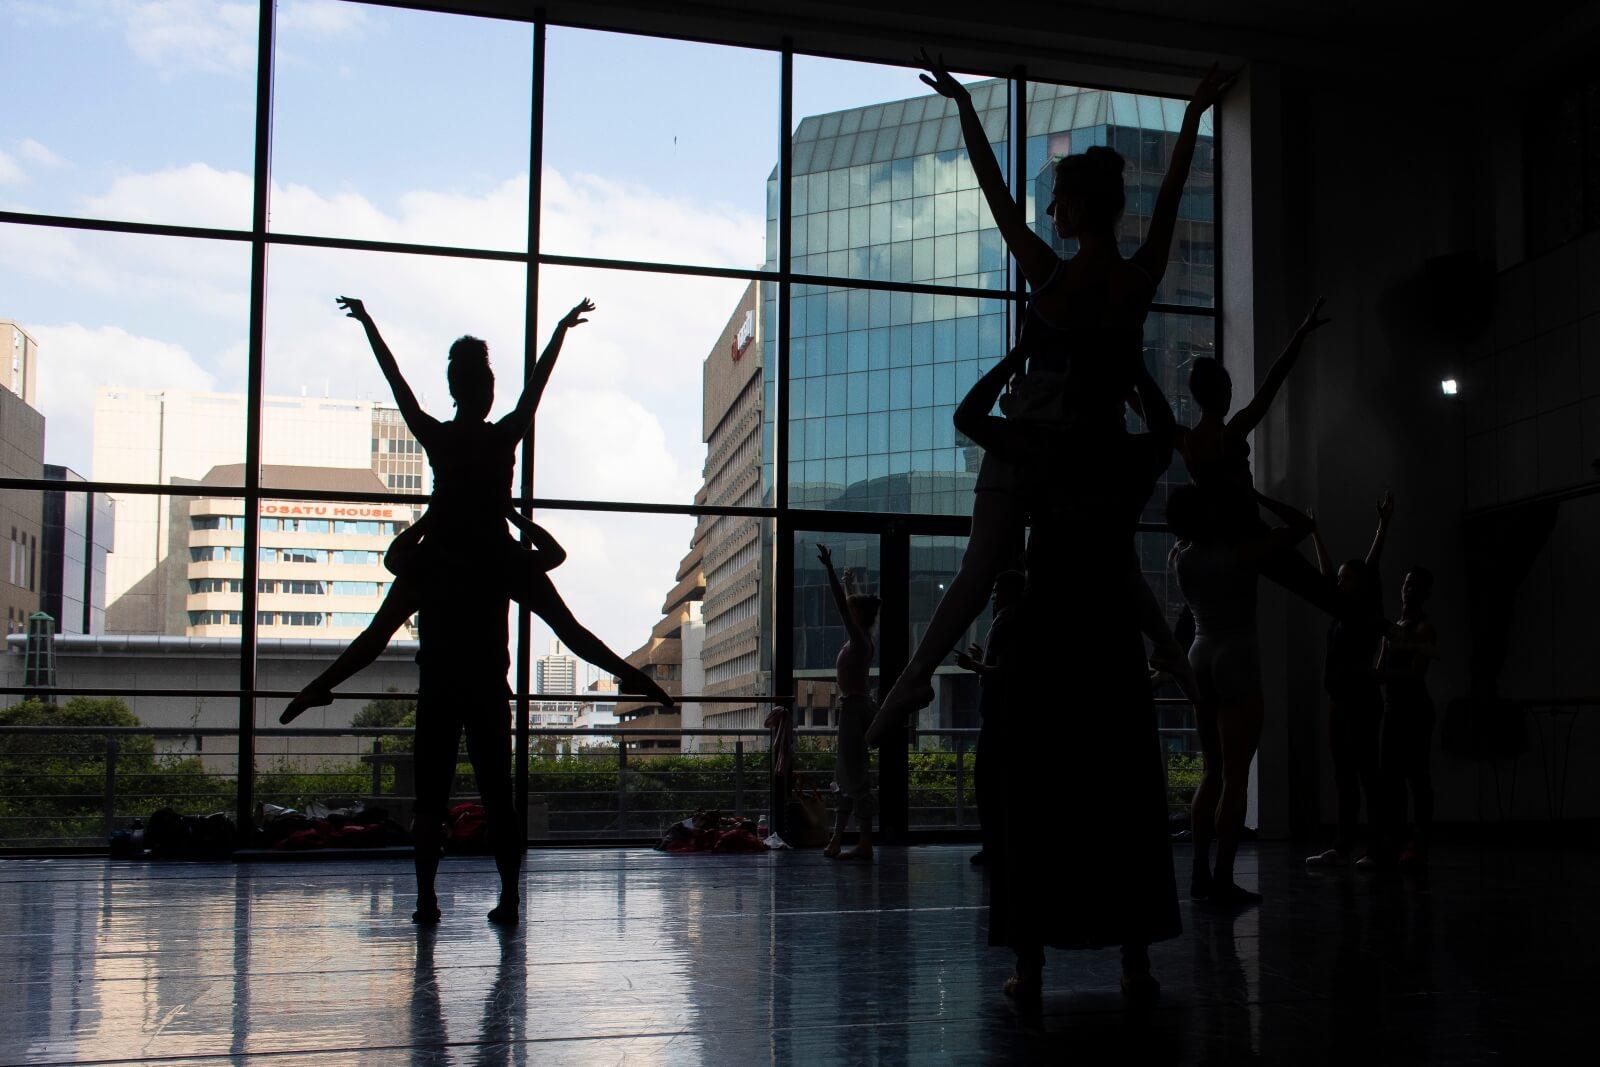 Balet w RPA fot. EPA/KIM LUDBROOK